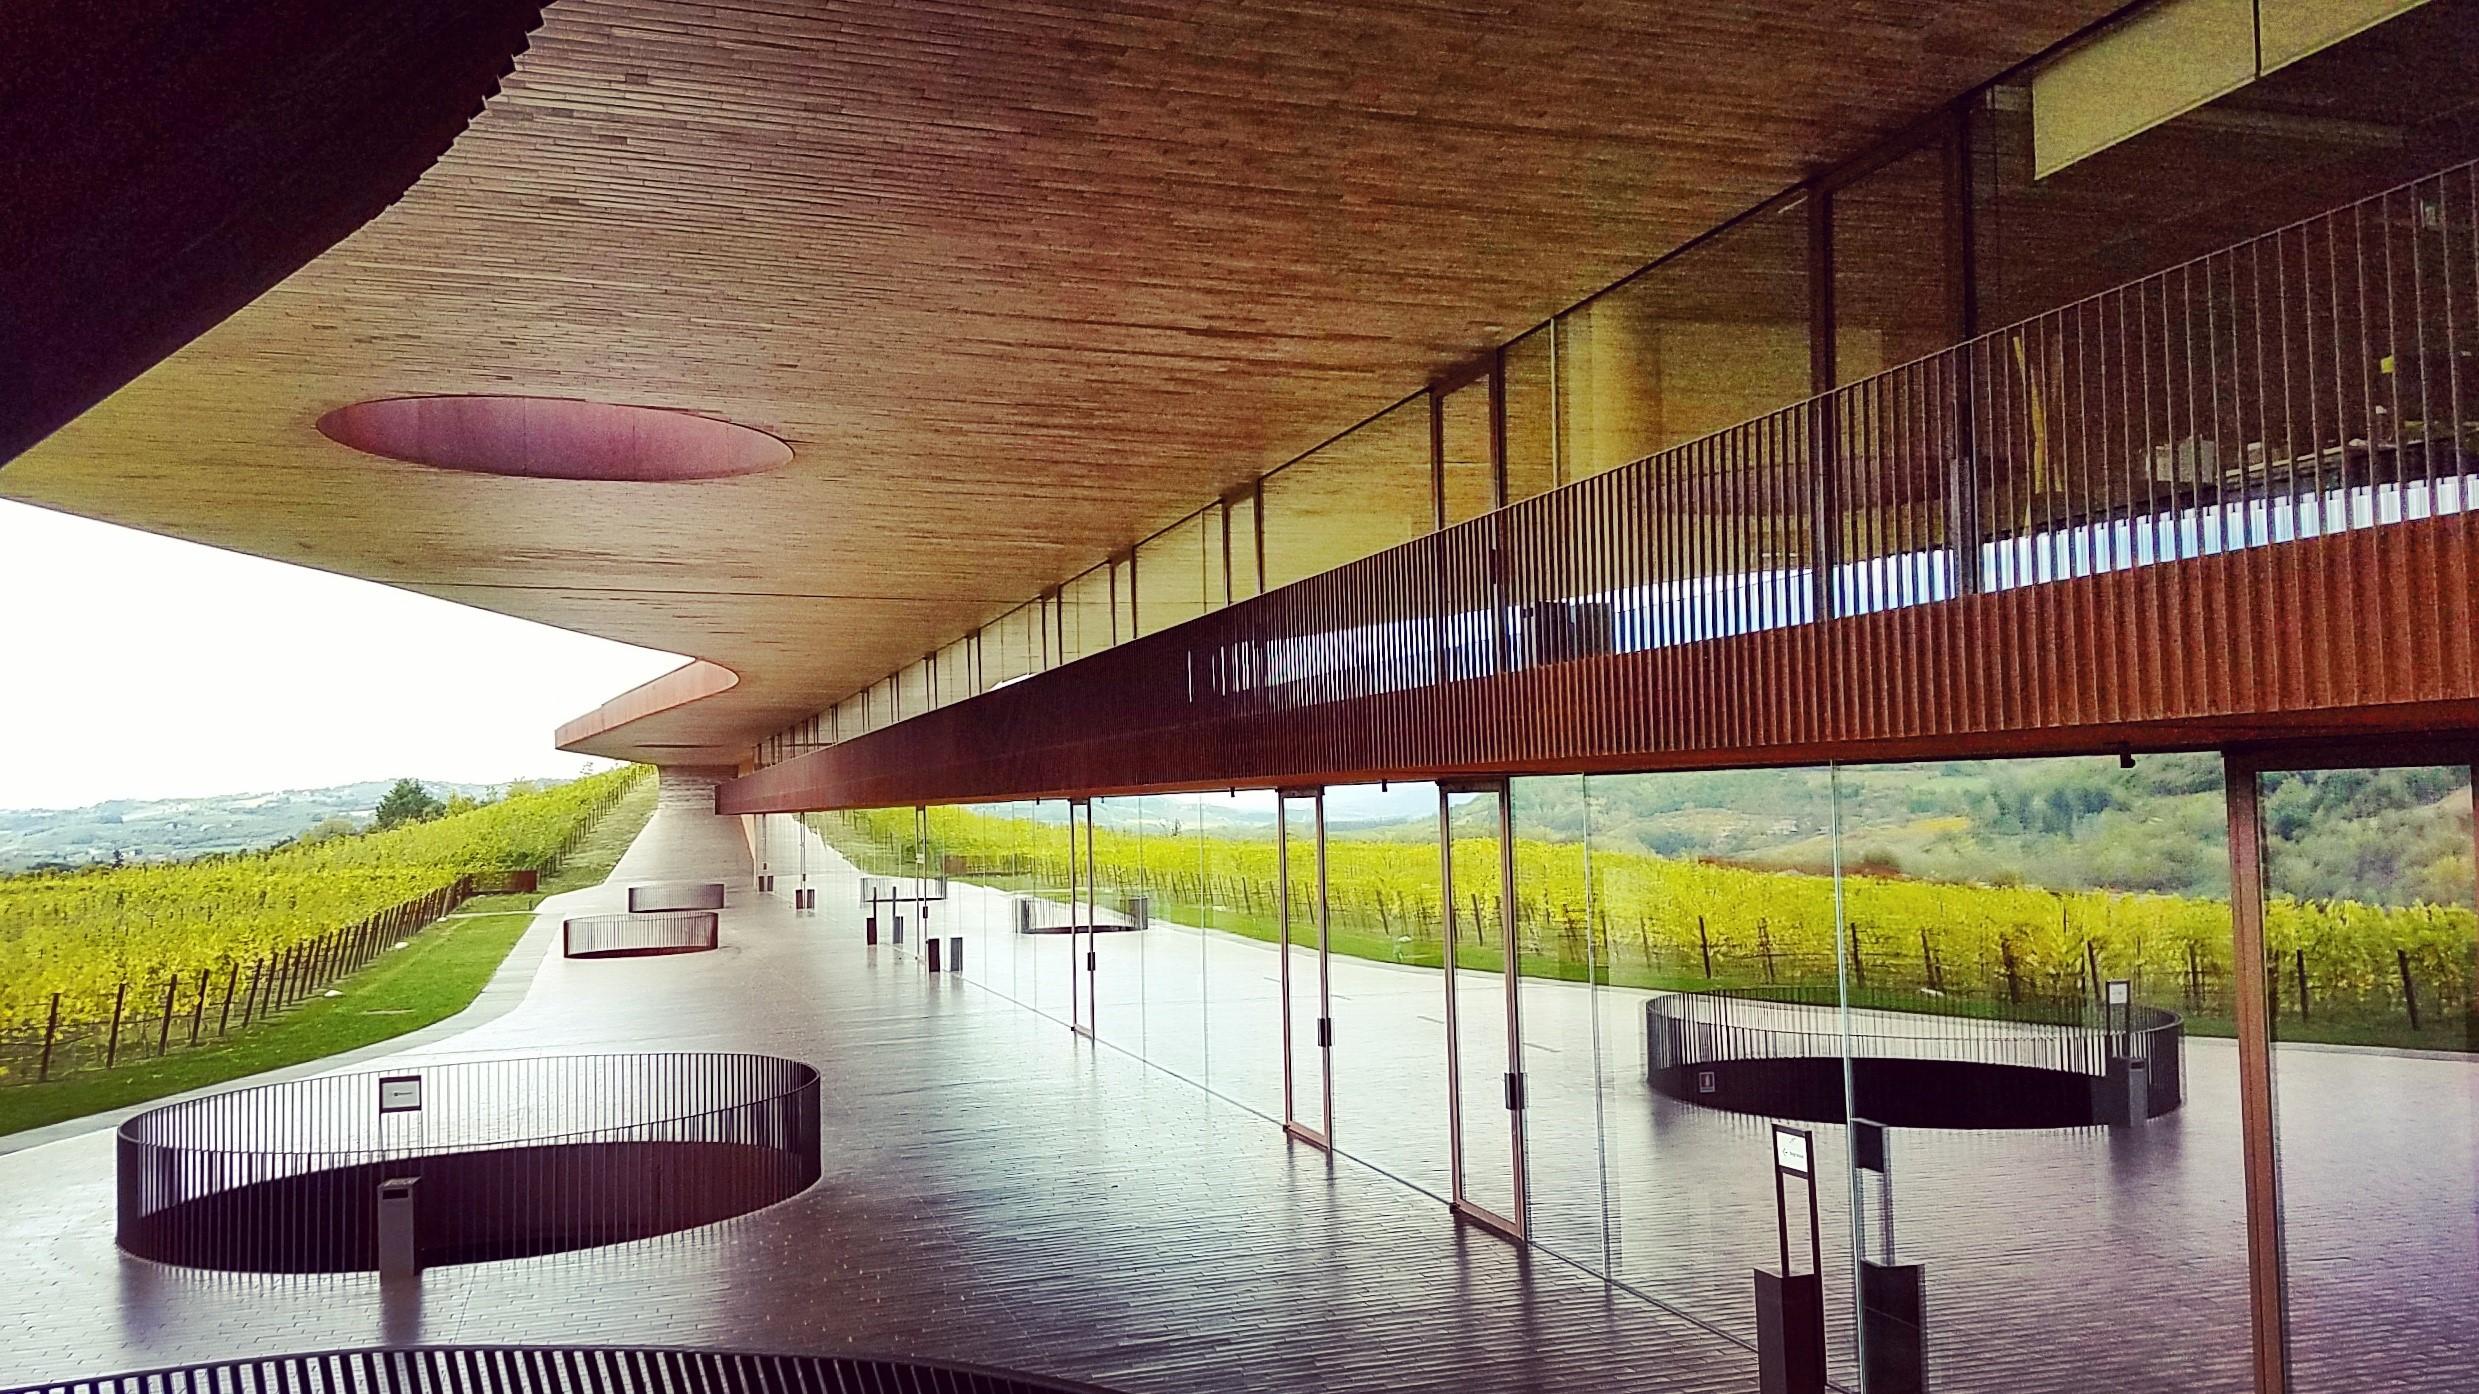 Celebrating Architecture - #ArchitectureoftheDay